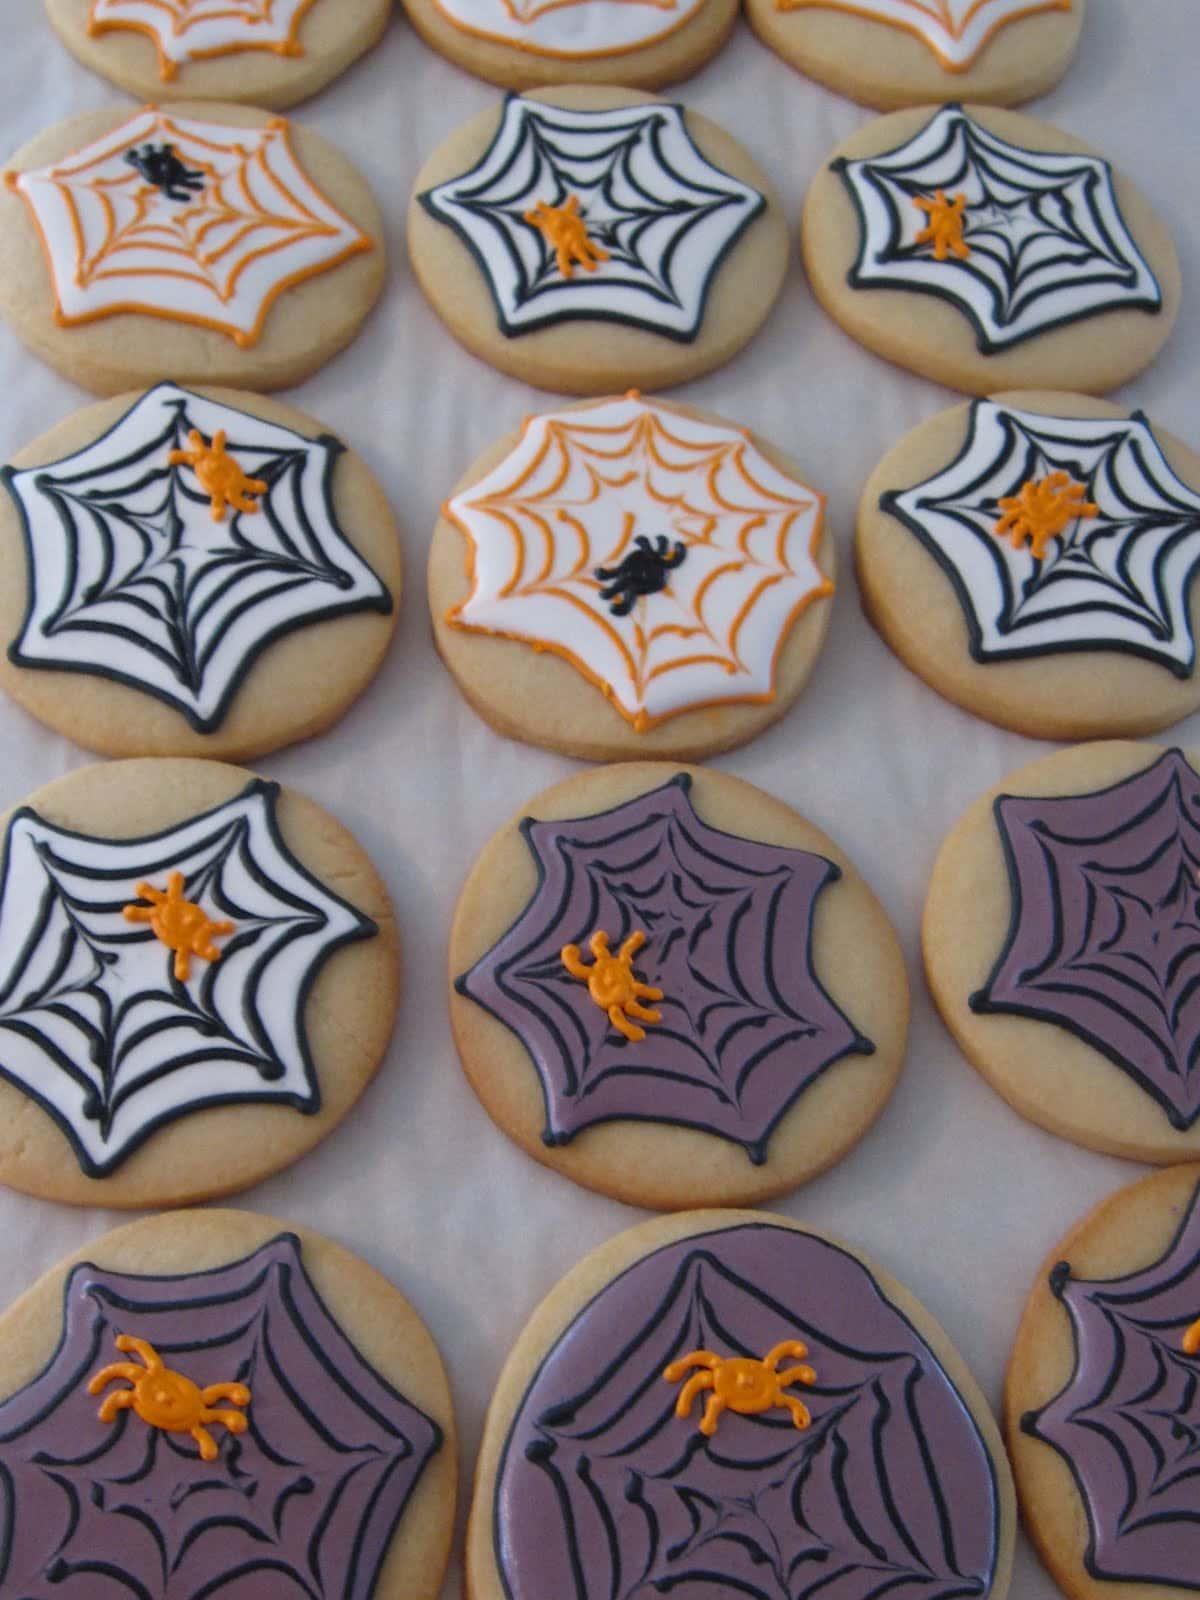 Cookies decorated as spiderwebs